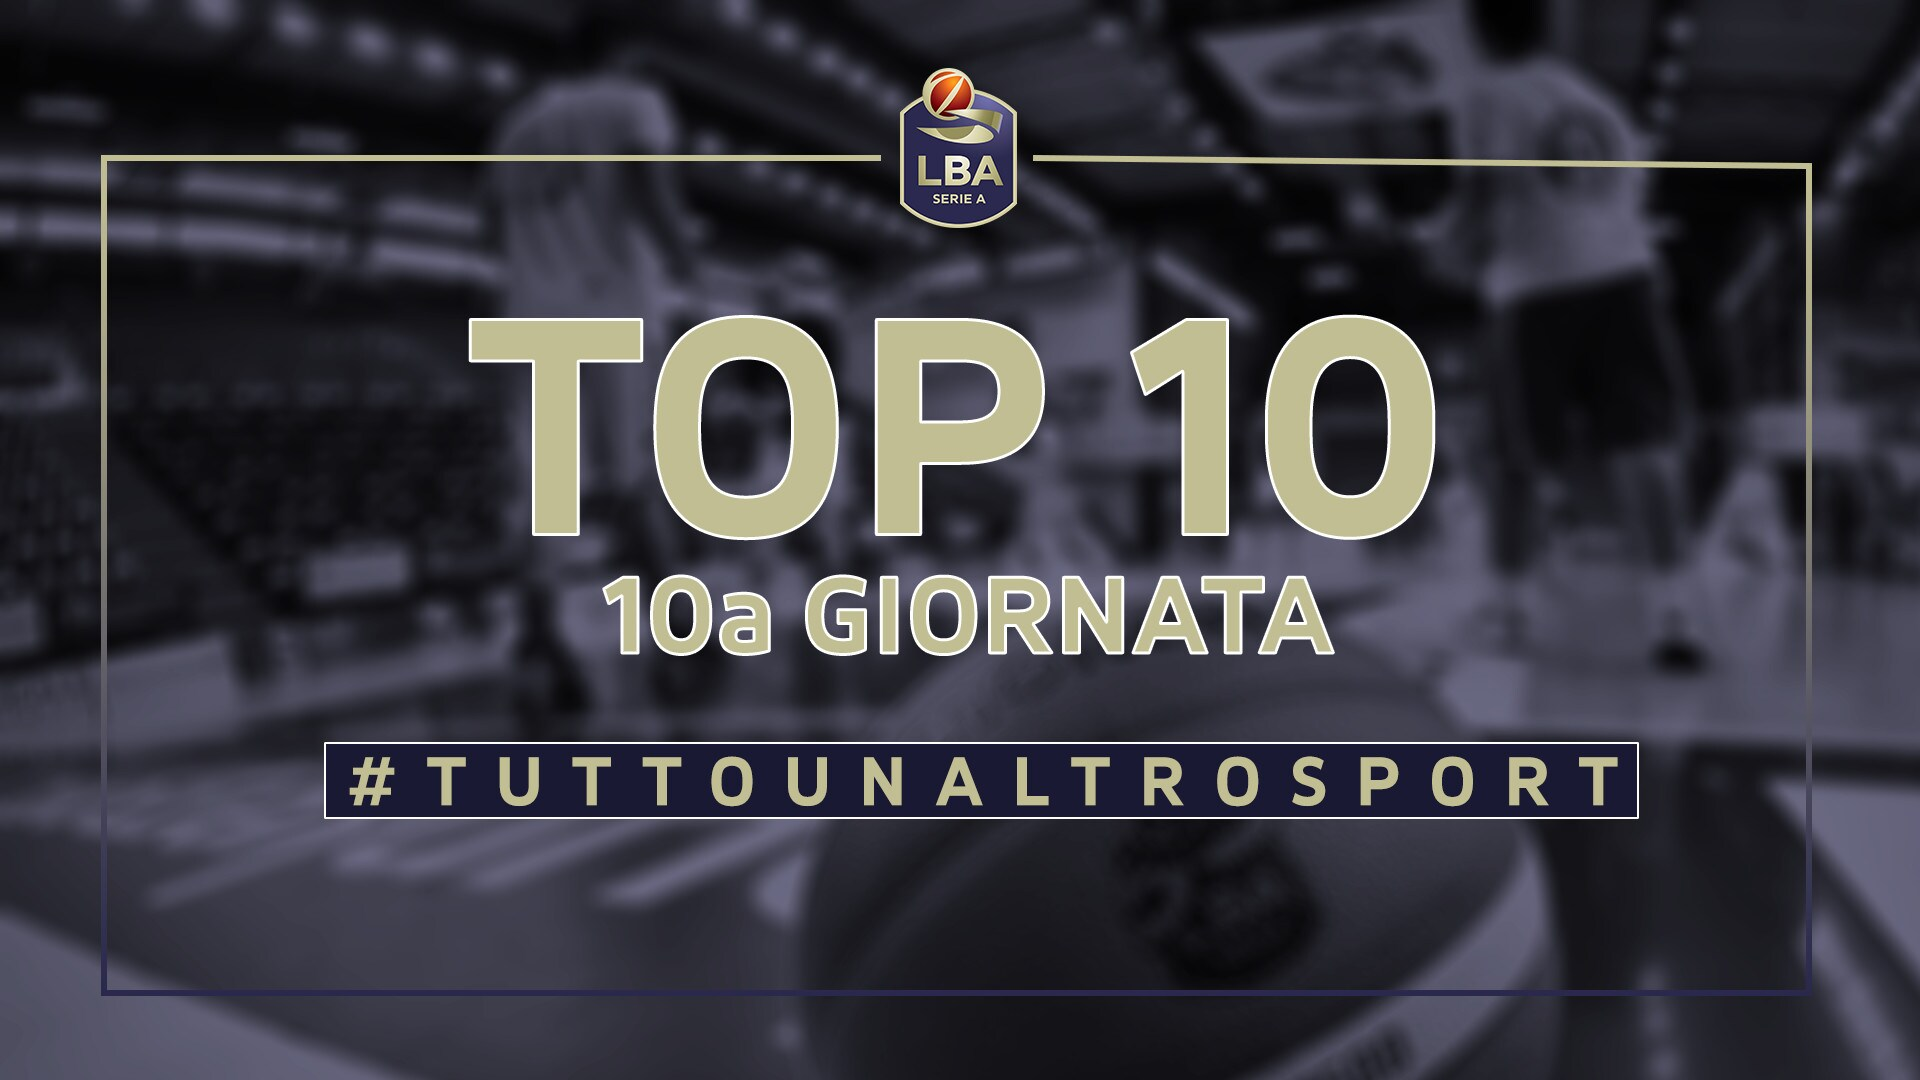 La Top Ten della 10a giornata del campionato LBA di Basket